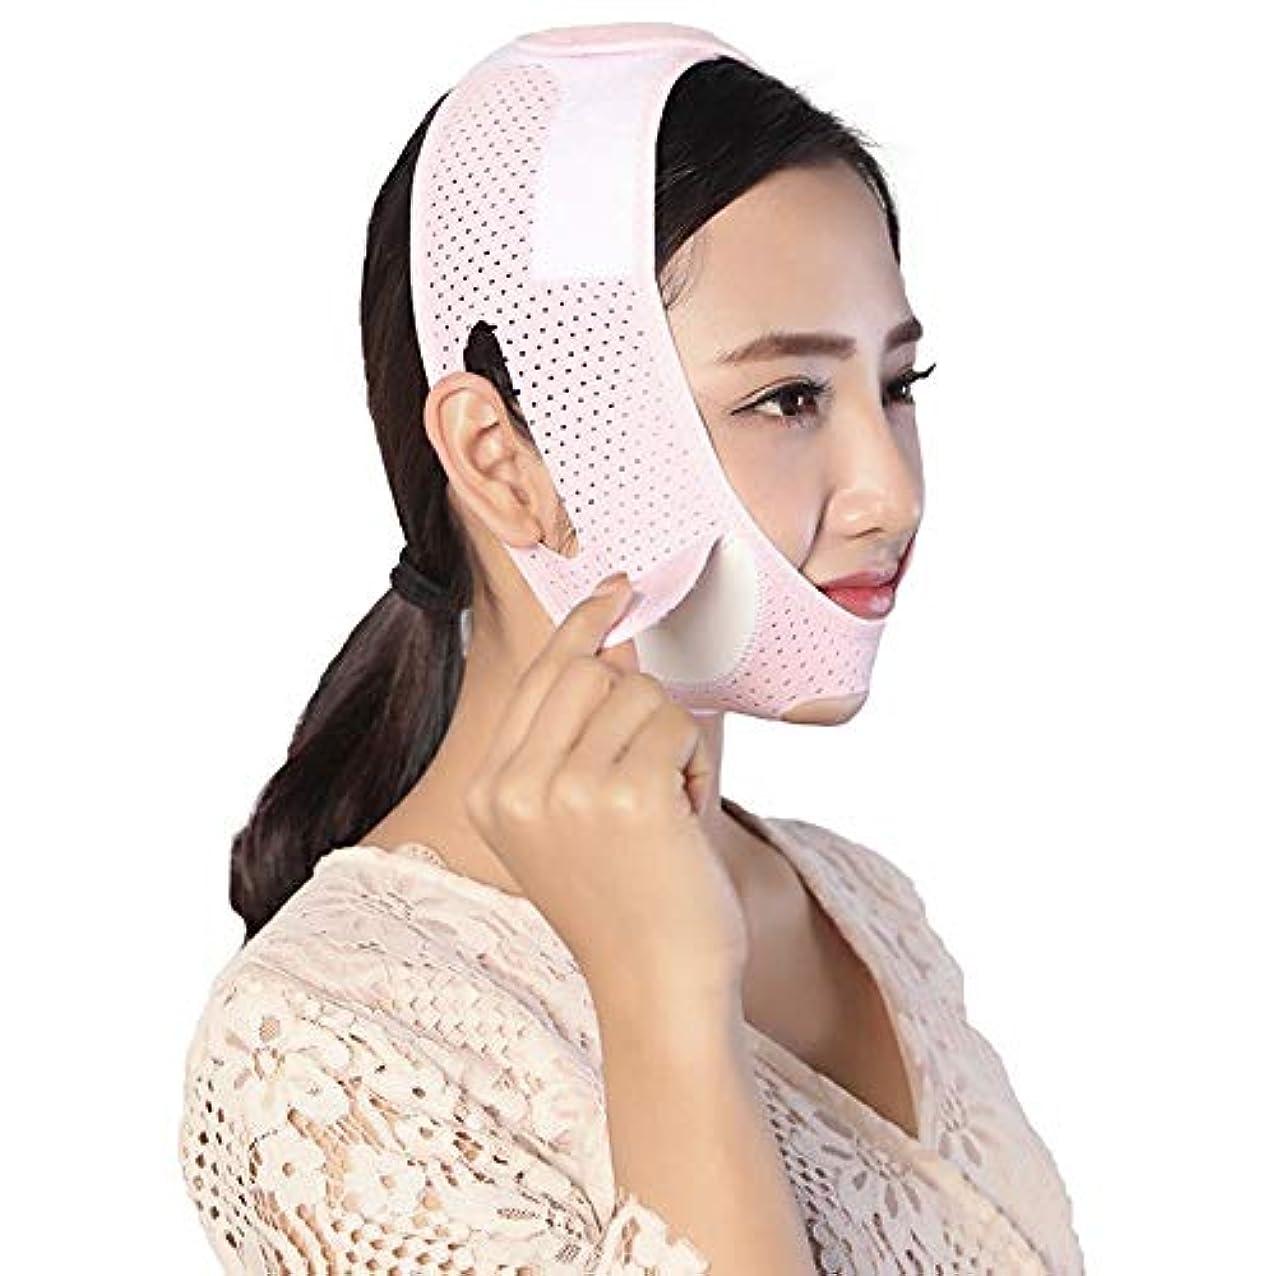 祝うピットクレジットフェイスリフトベルト 薄い顔のバンド - 薄い顔の包帯は、ダブルの顎の法令Vをマスクするために持ち上げて睡眠マスクの通気